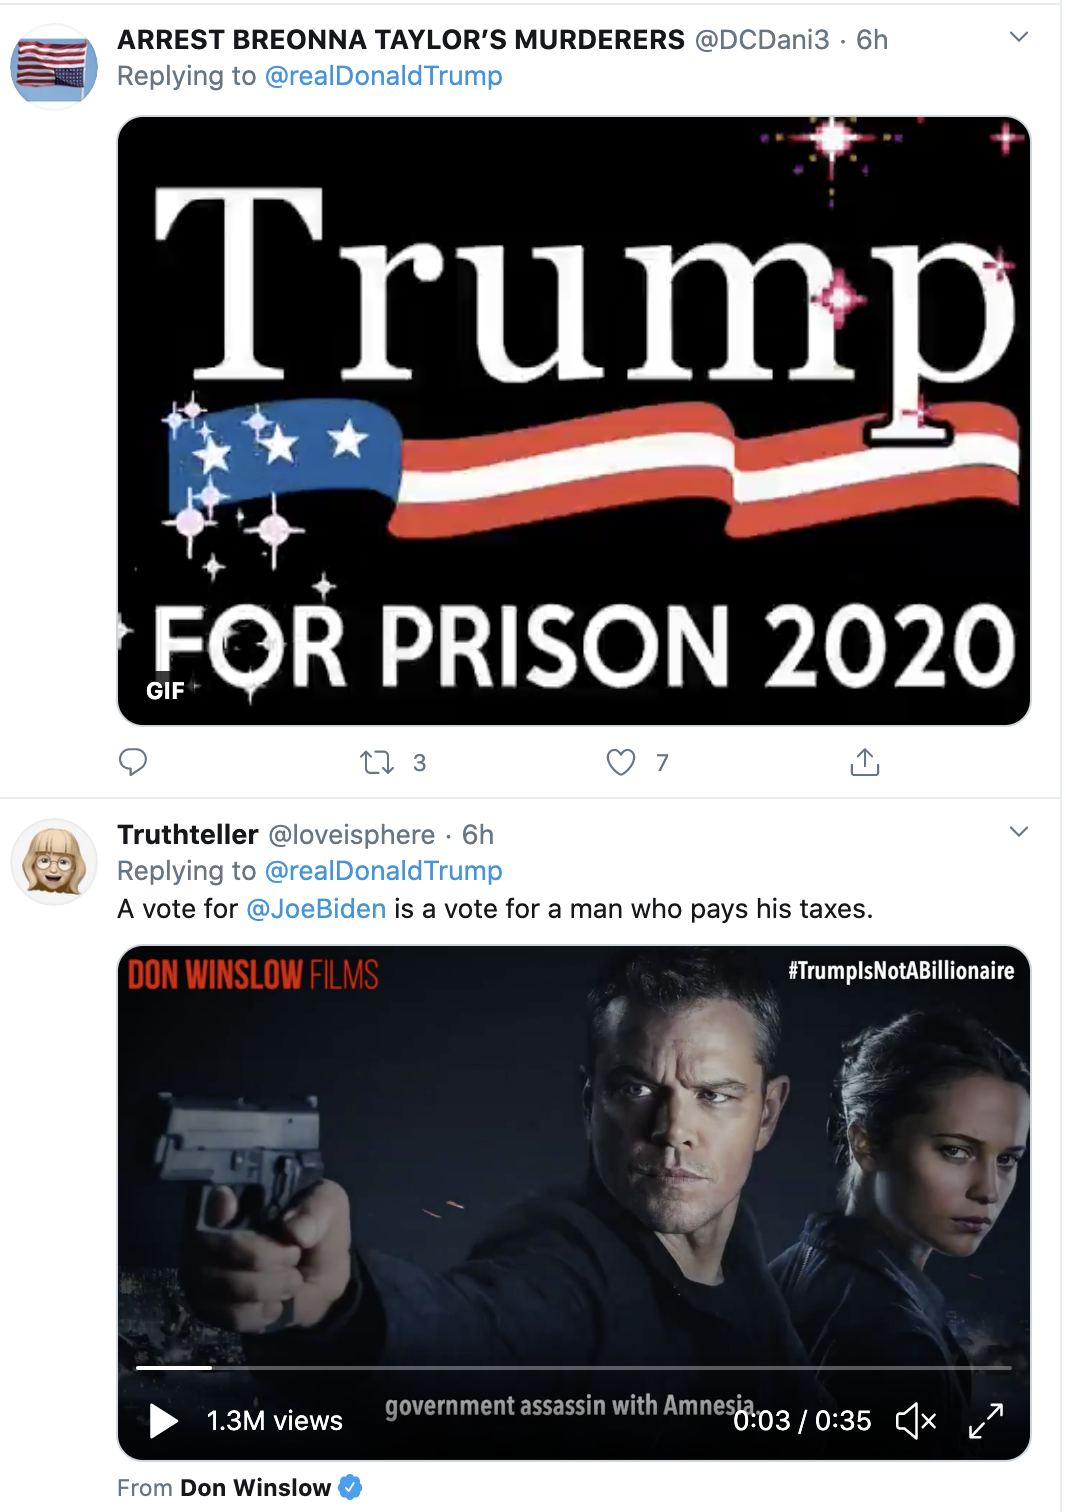 Screen-Shot-2020-09-28-at-7.31.37-AM Federal Judge Embarrasses Trump & Overrules His Executive Order Featured Politics Social Media The Internet Top Stories